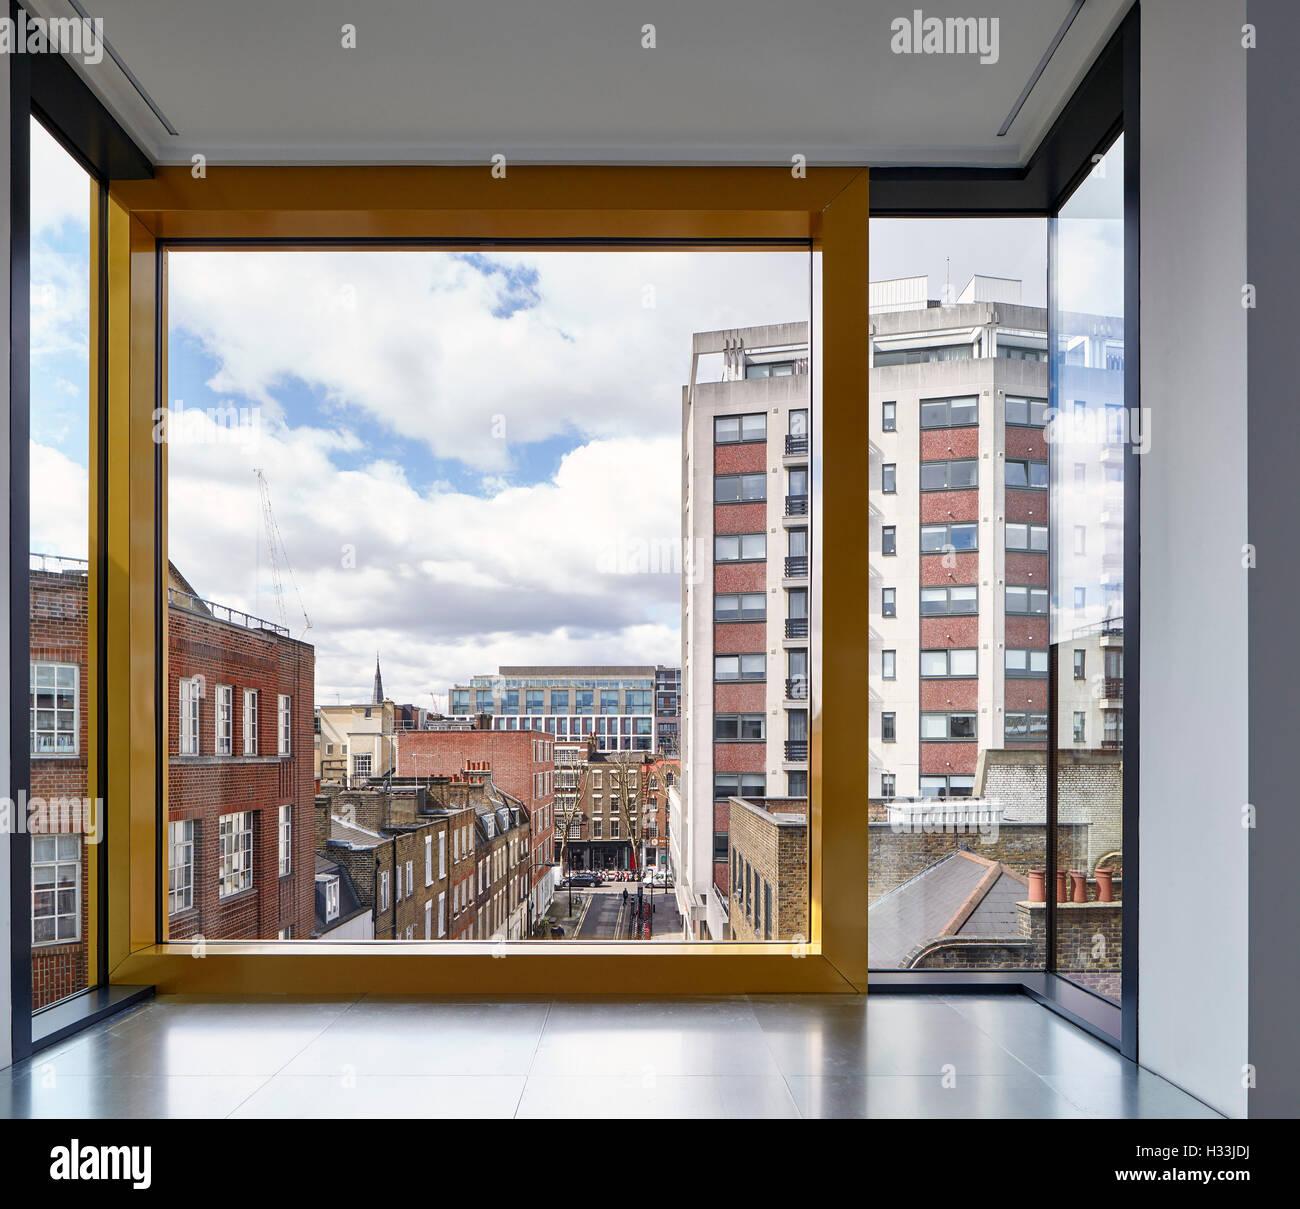 Anodized Stockfotos & Anodized Bilder - Alamy